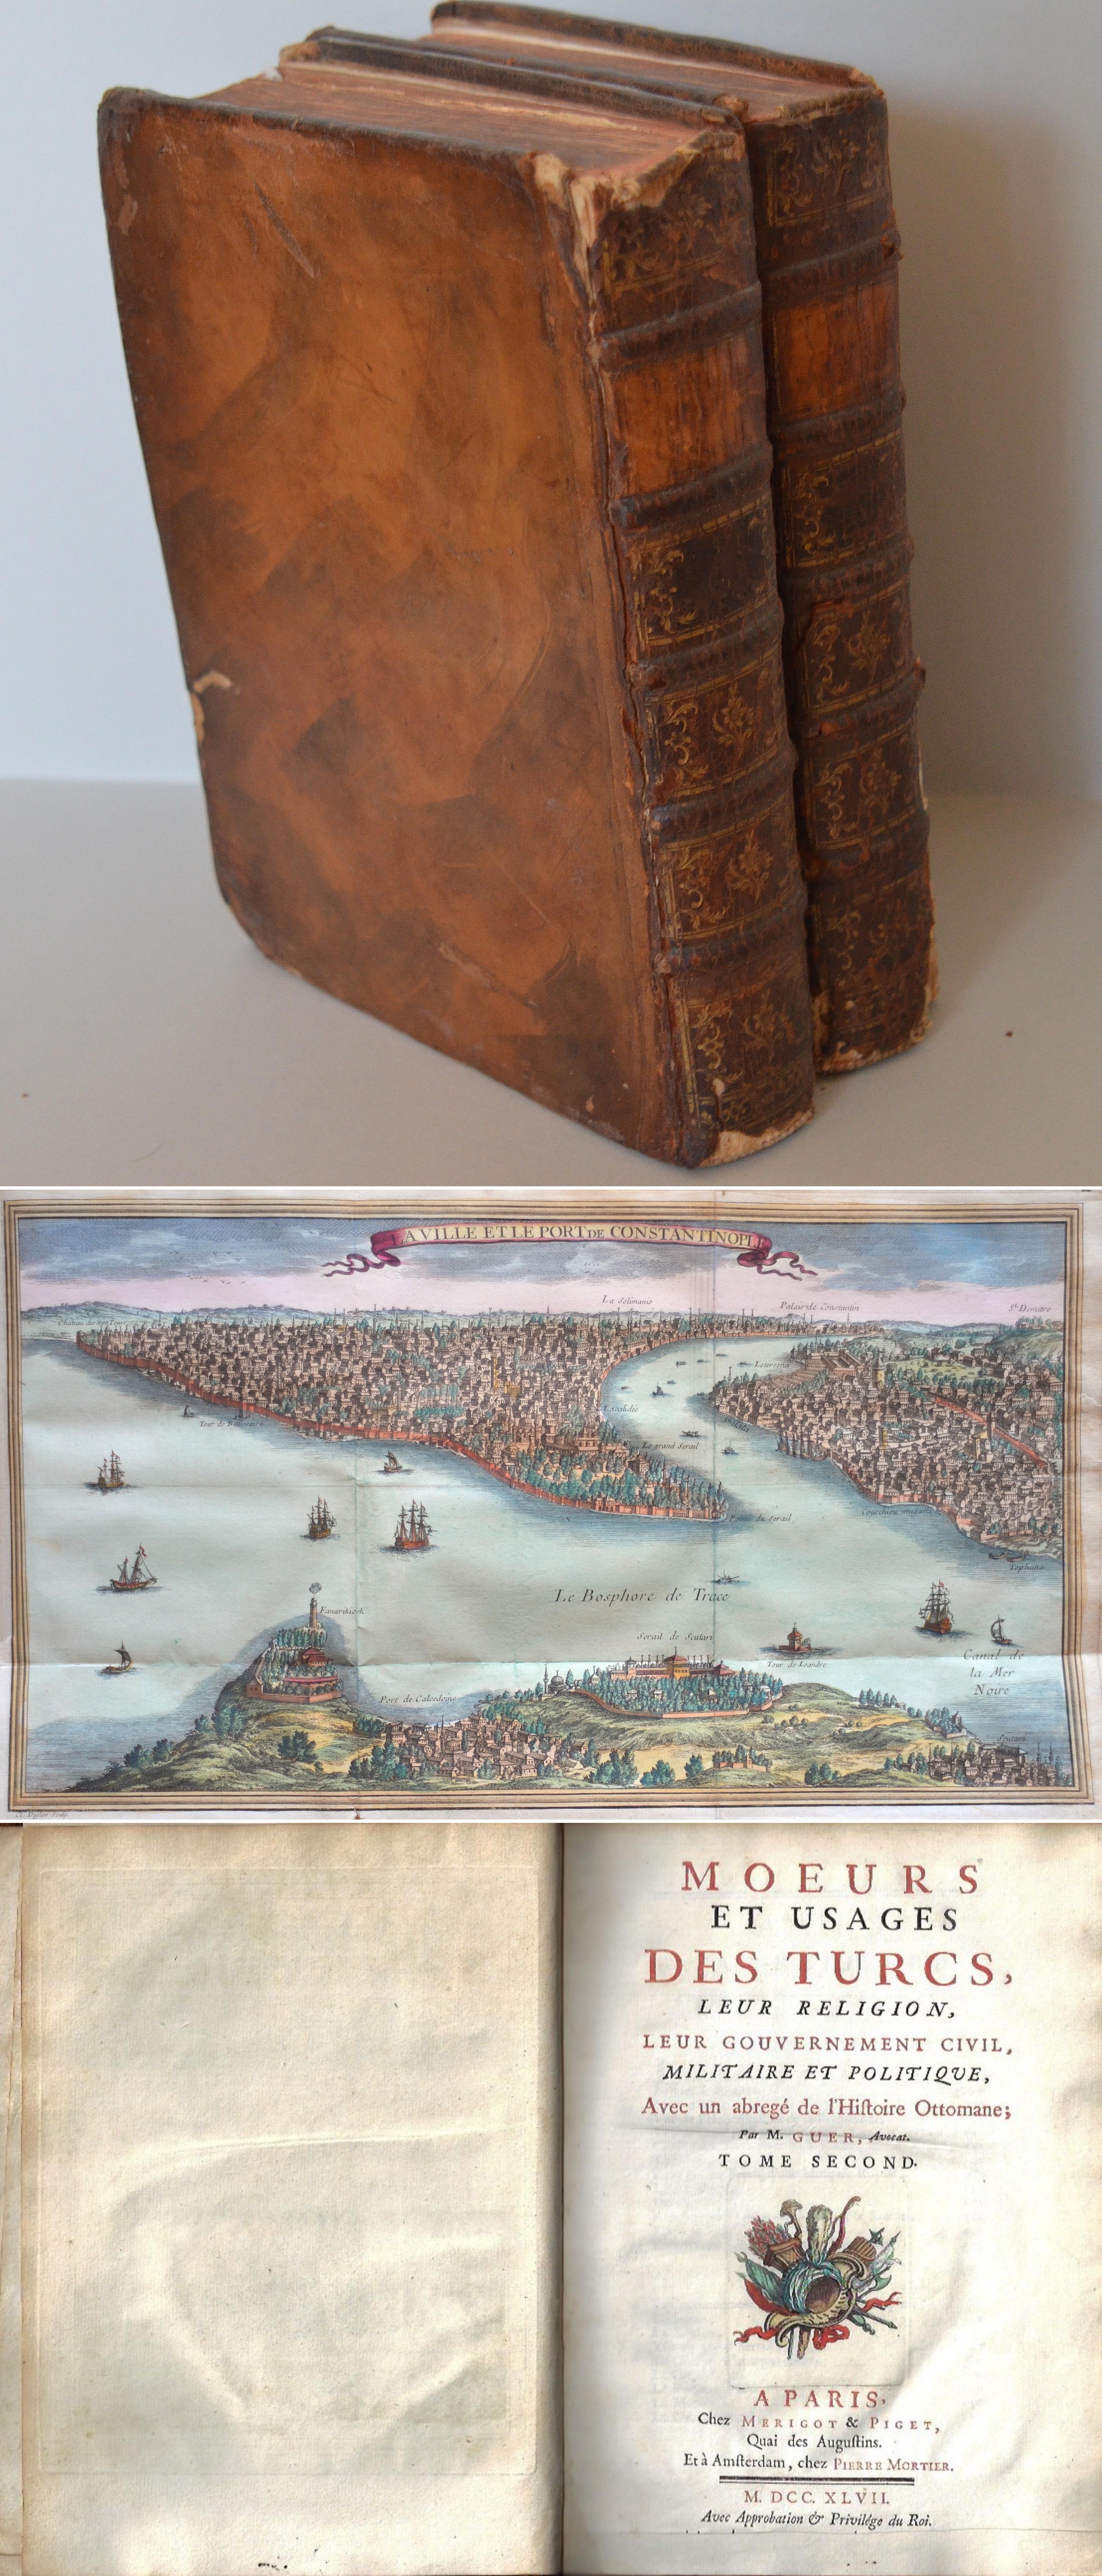 Mortier Peter Moeurs et usages des Turcs, leur Religion, leur Gouvernement Civil, Militaire et Politique, Avec un abregé de l'Histoire Ottomane;